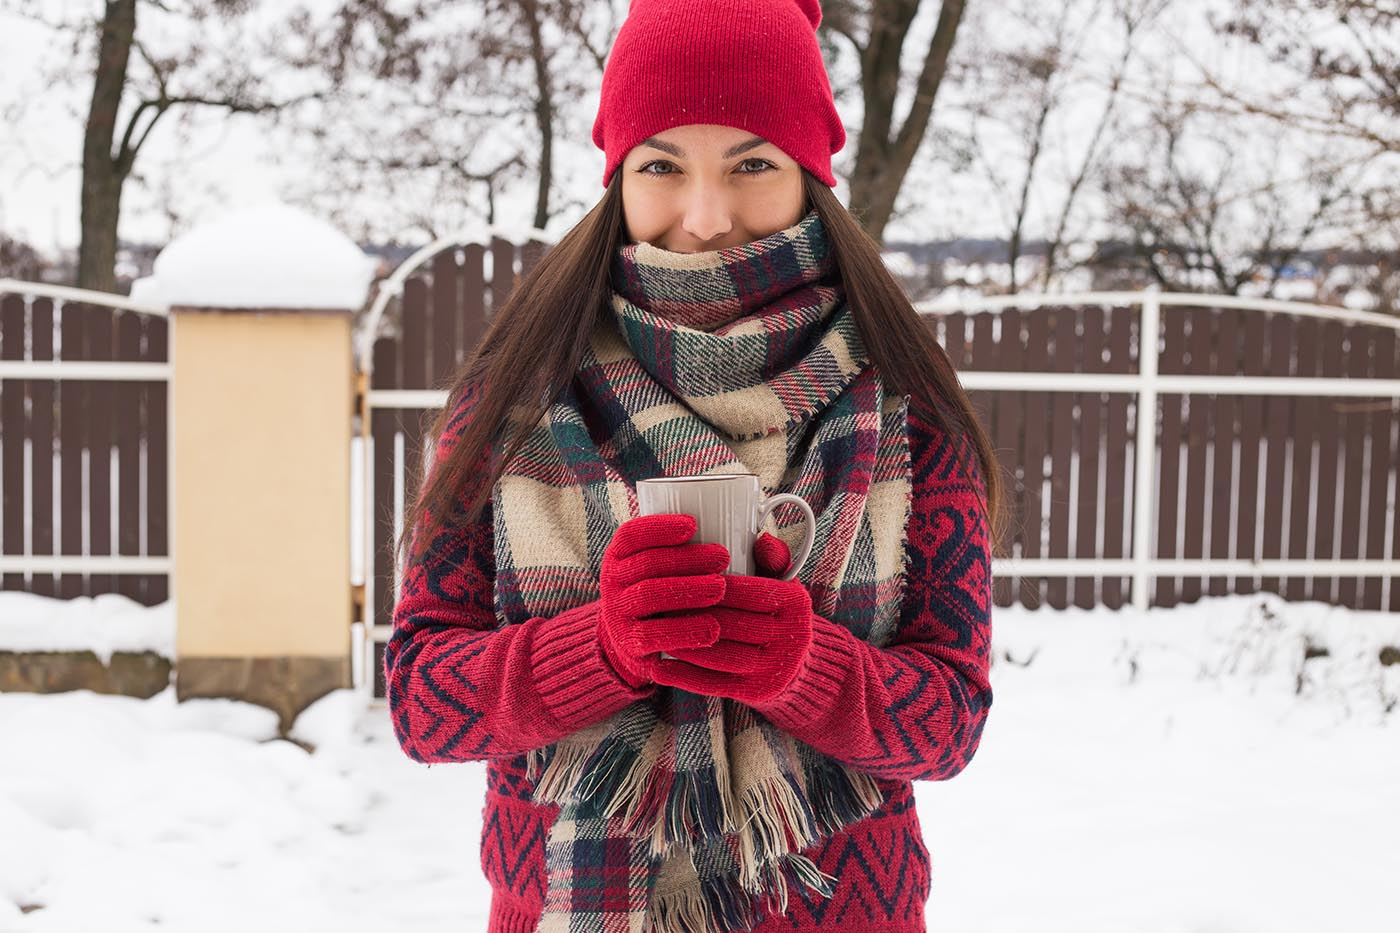 Winter City Break Packing List